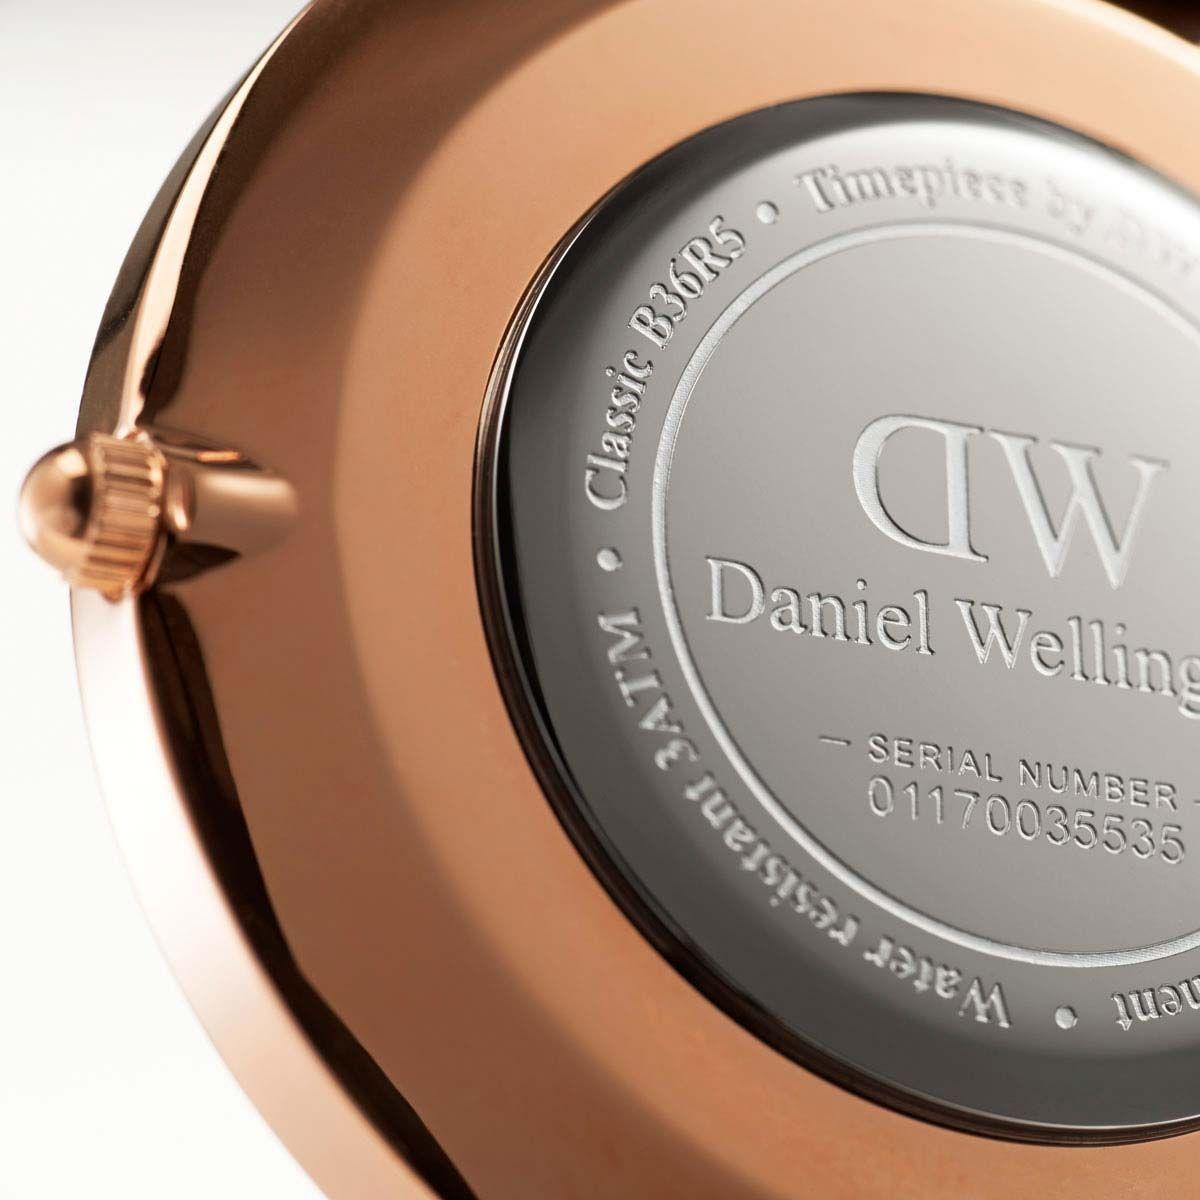 dw官网 dw手表官网 dw中国官网 dw官方旗舰店 DW DW官网  W Classic Oxford RG 36mm